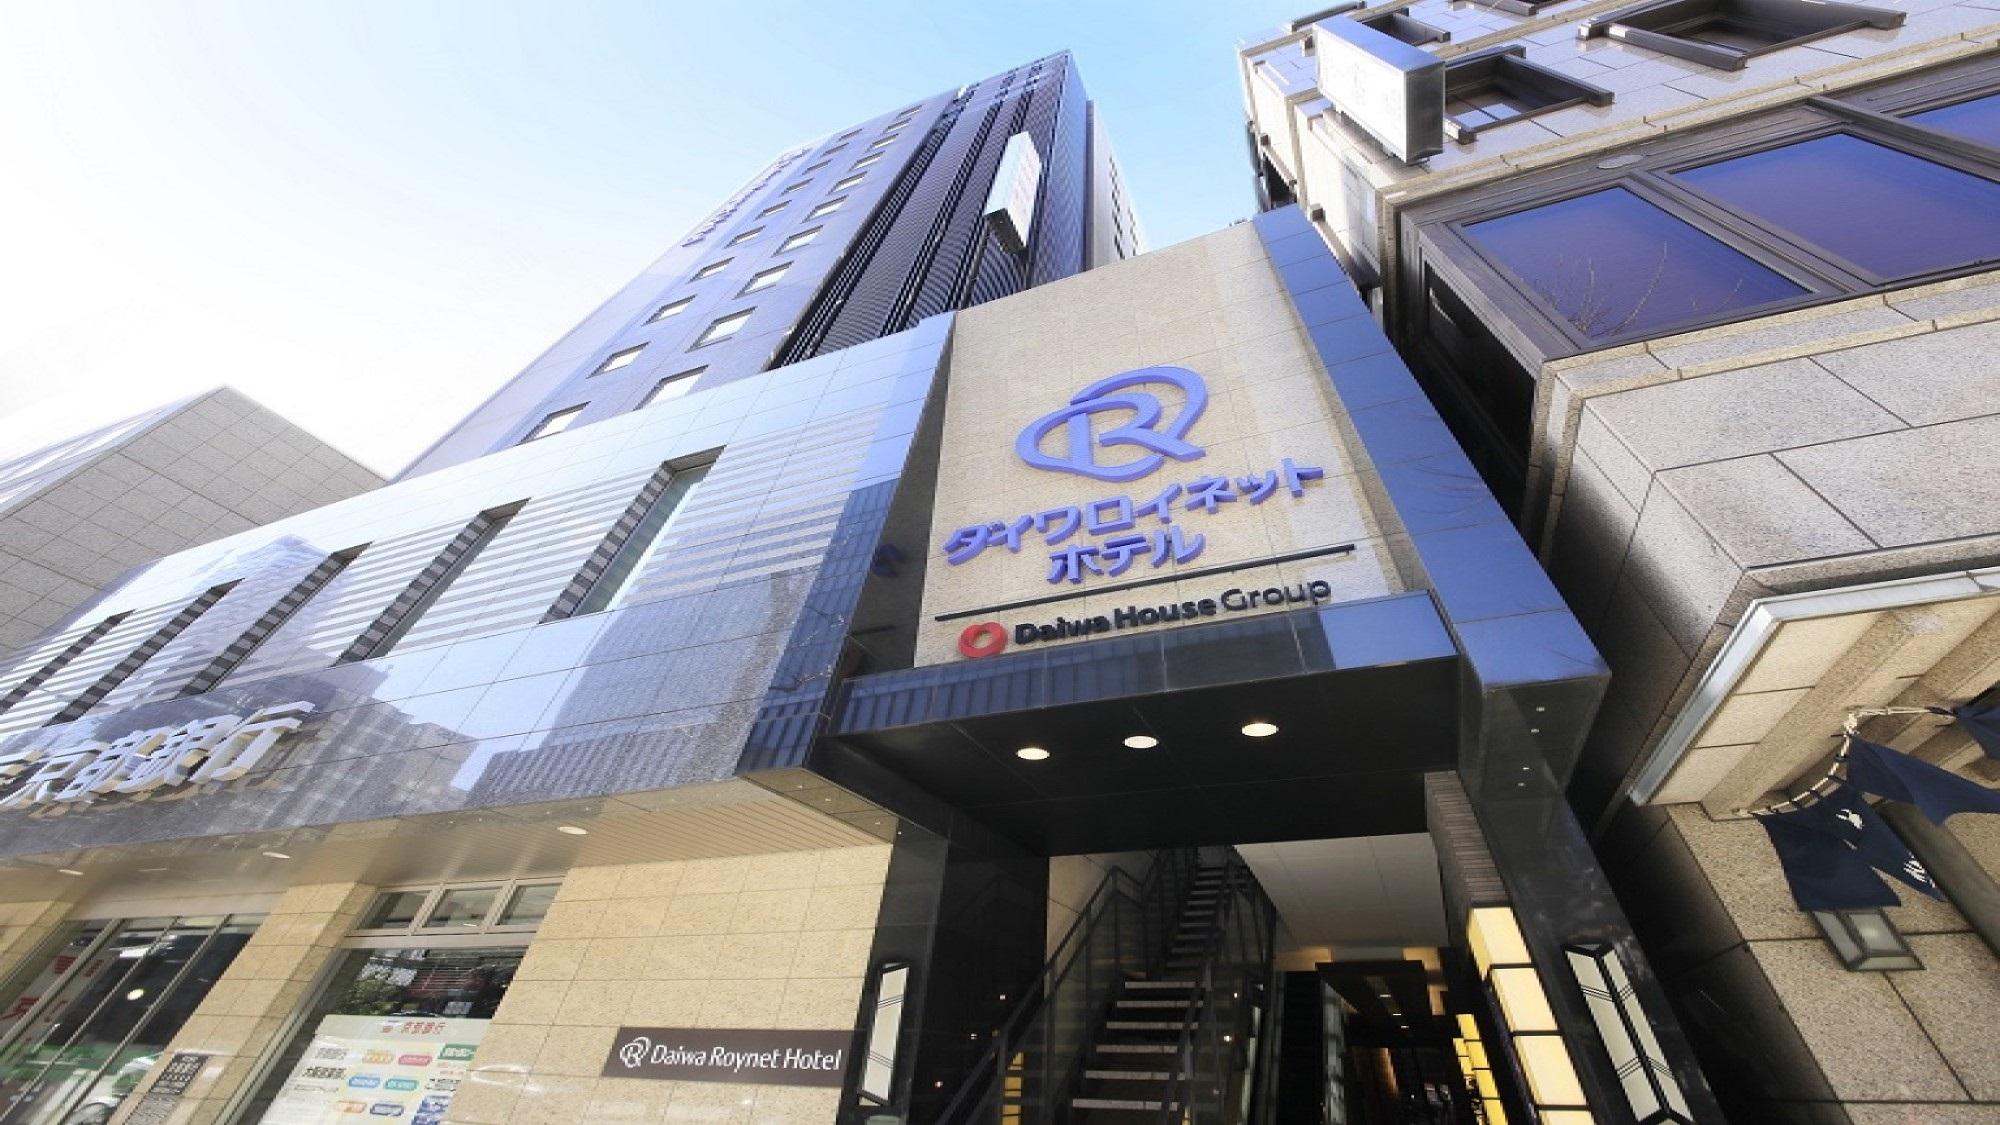 ダイワ ロイネットホテル大阪北浜◆楽天トラベル